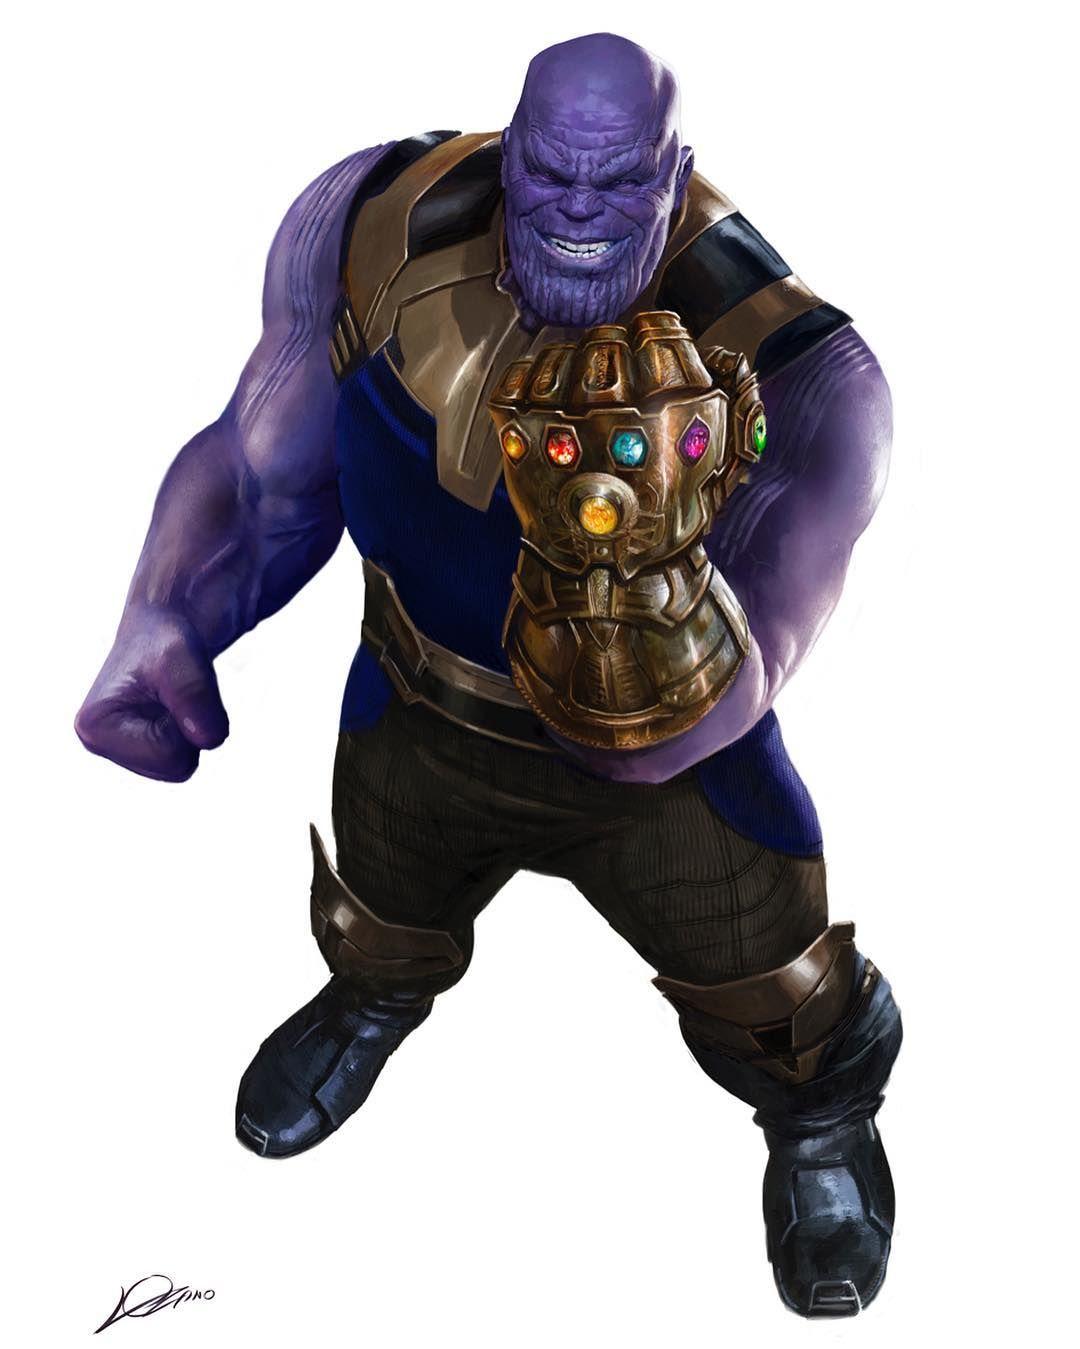 Thanos Avenger Marvel Villains Marvel Cards Superhero Comic